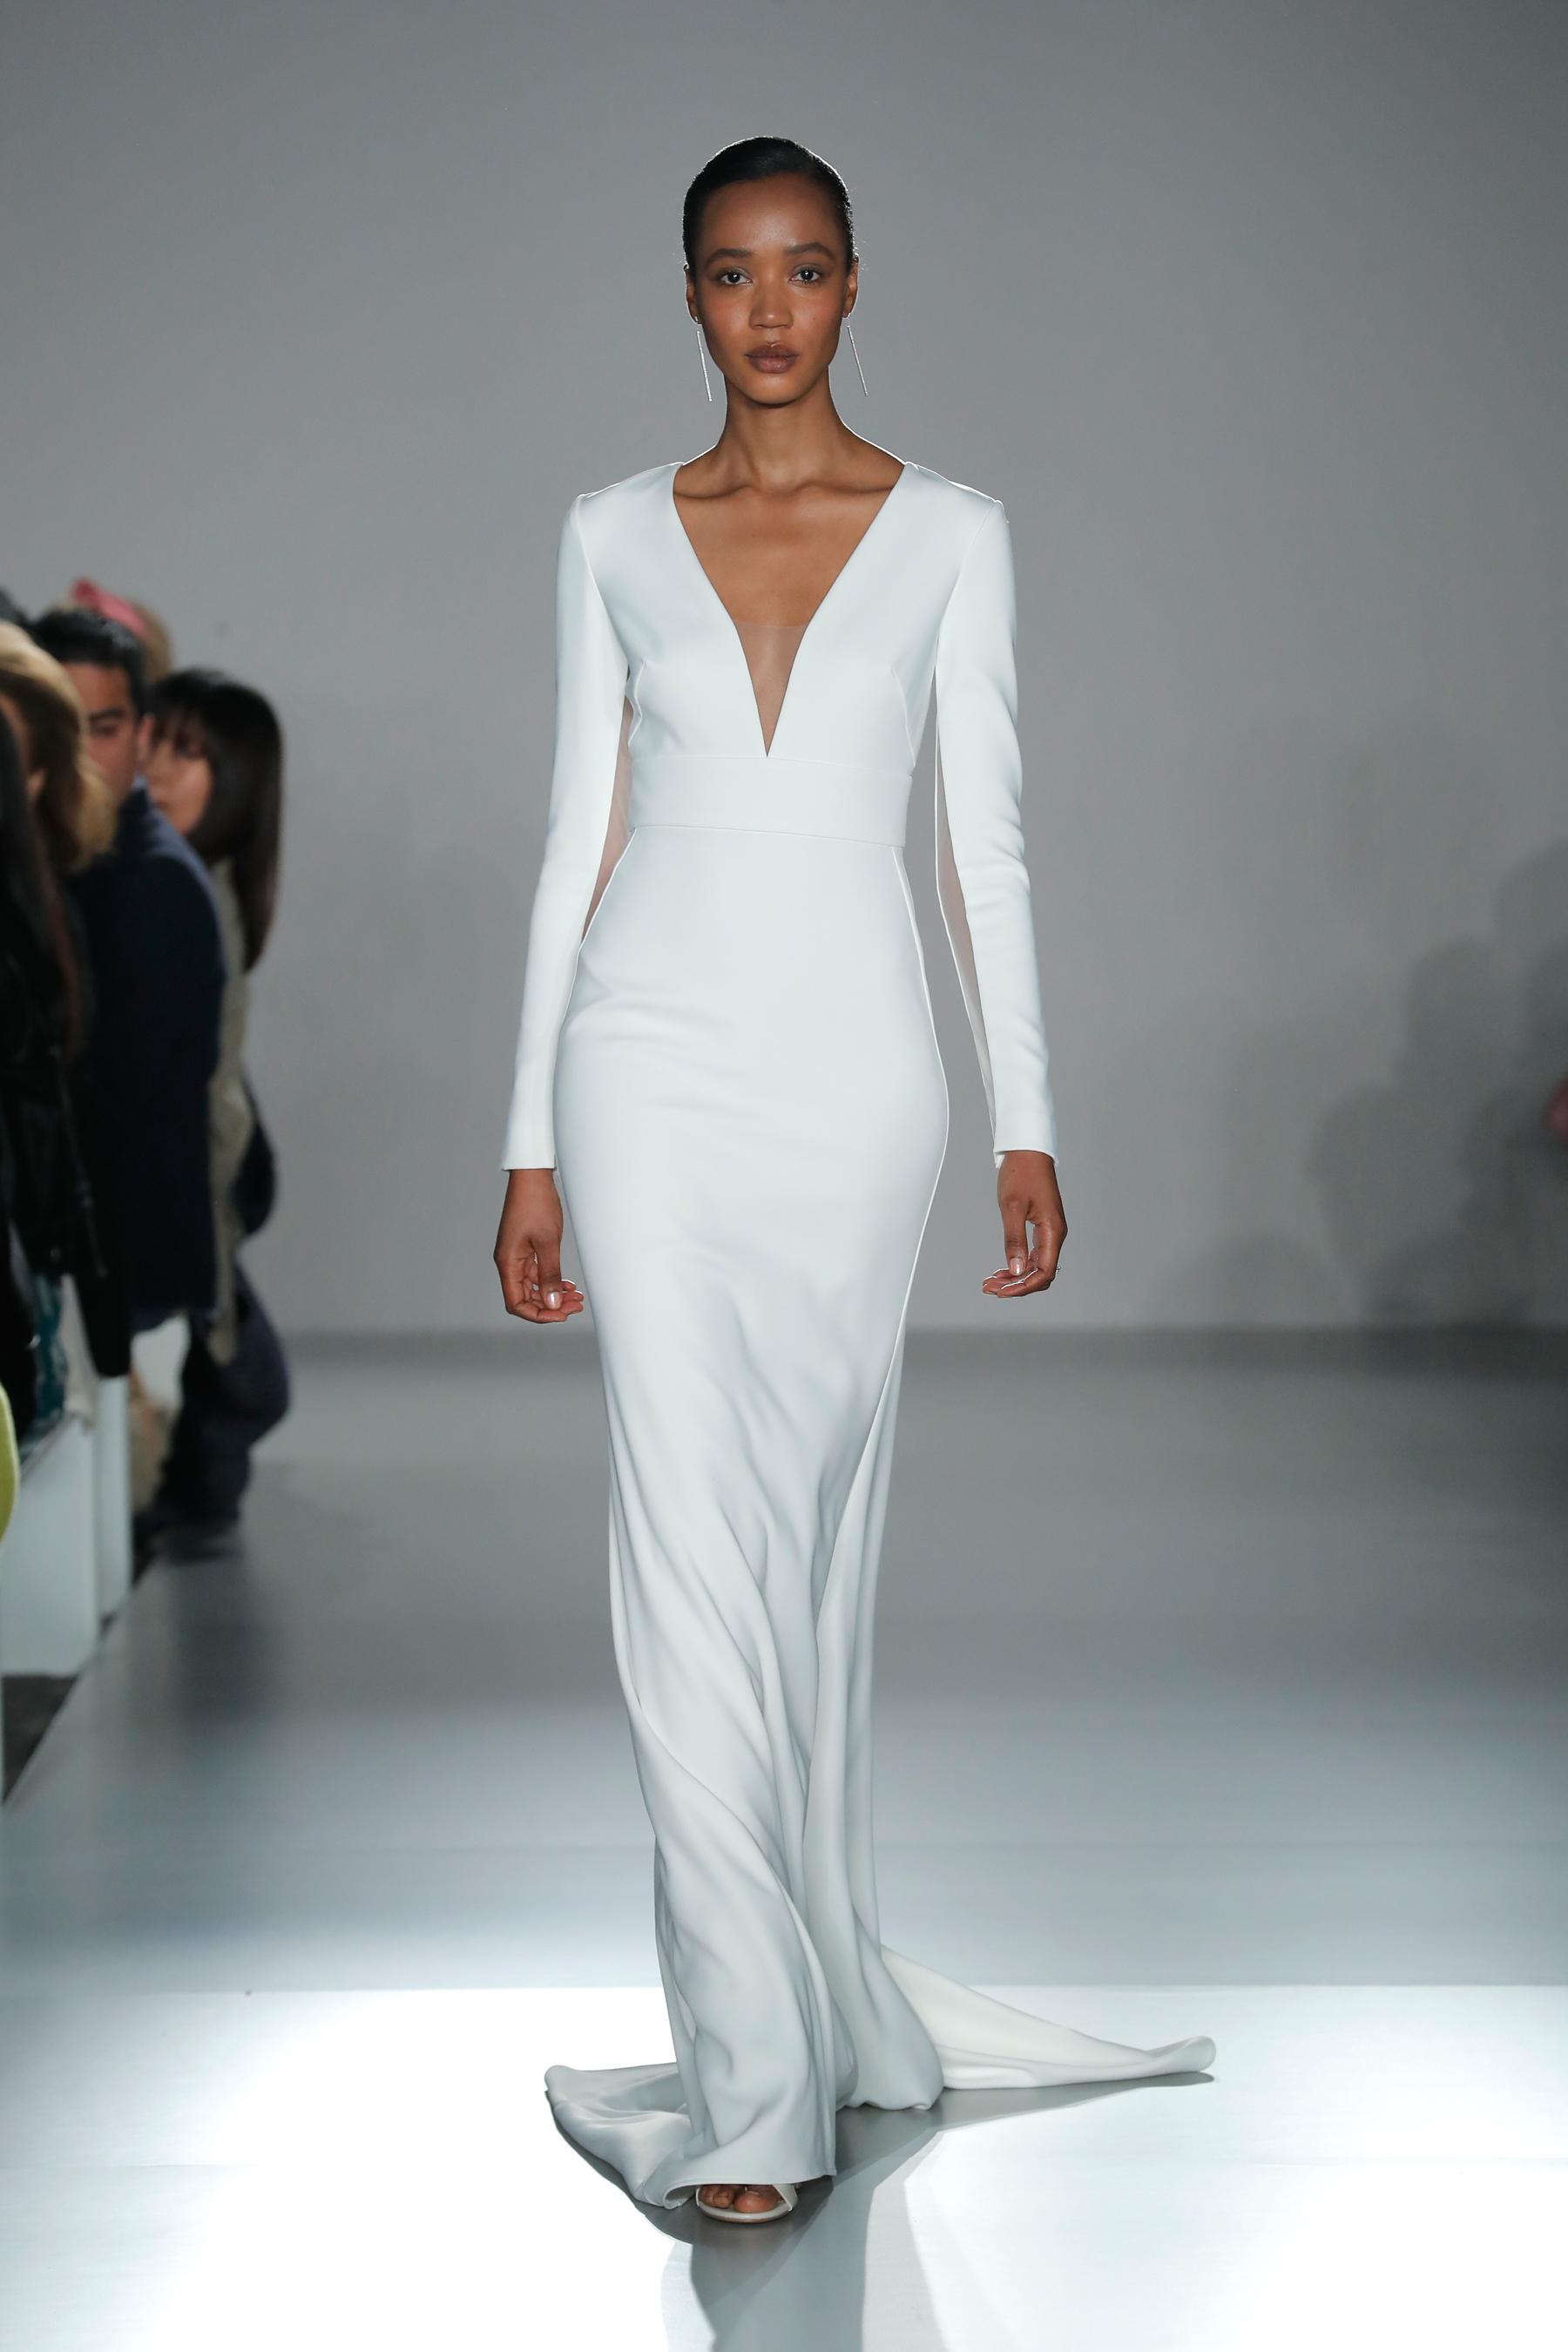 nouvelle amsale long sleeve v-neck sheath wedding dress spring 2020